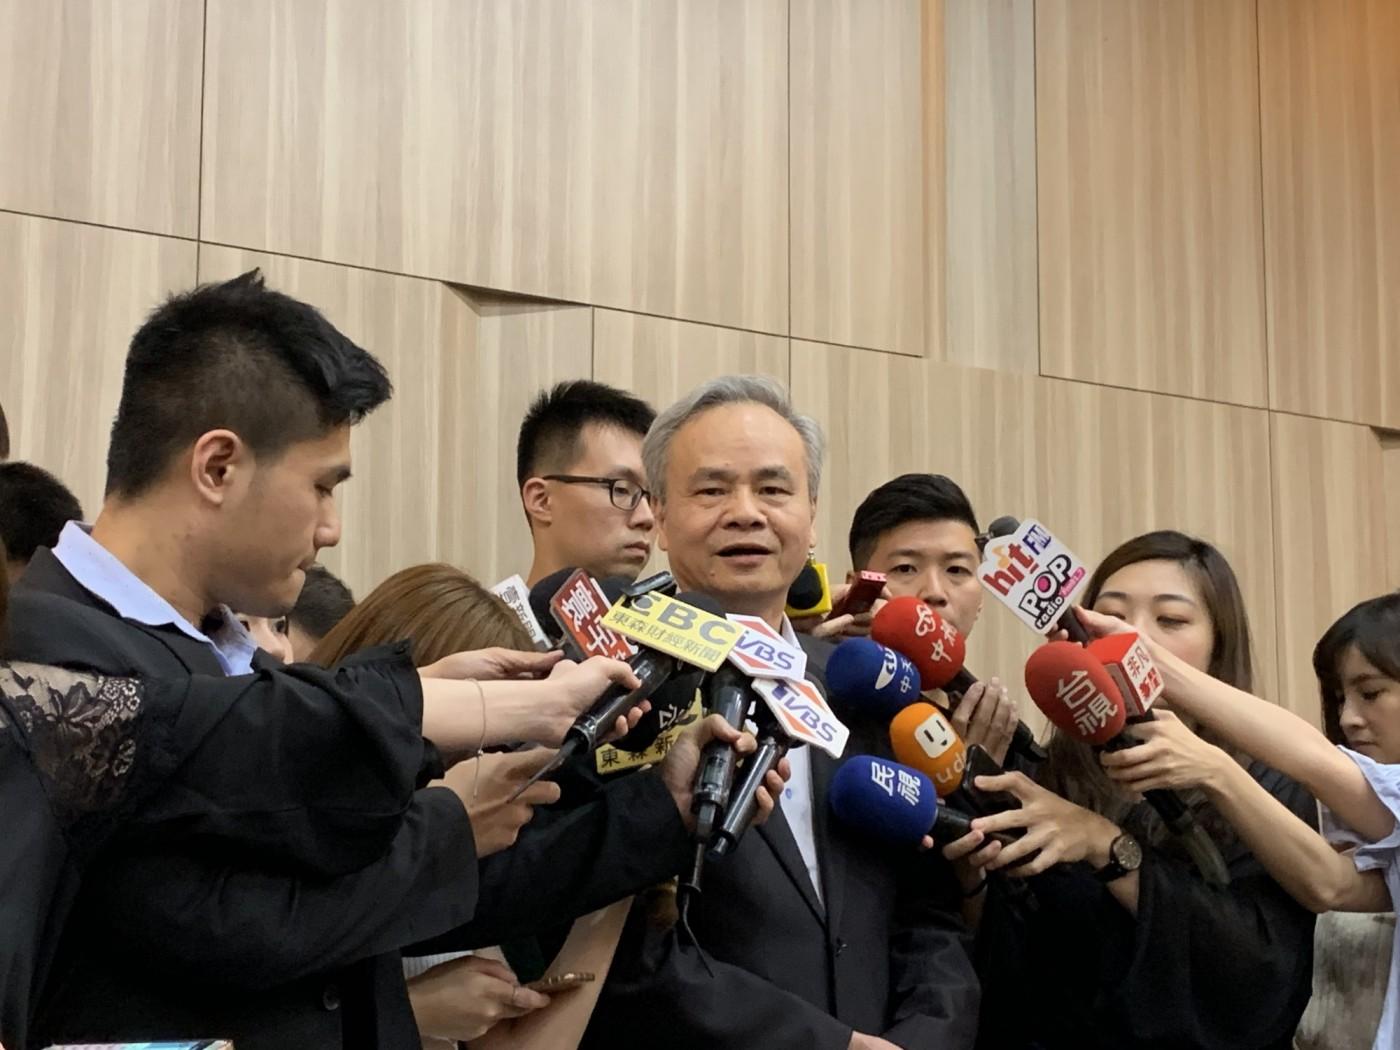 還原物流中心招租爭議,中華郵政總經理陳憲着呼籲:政治力勿介入太多